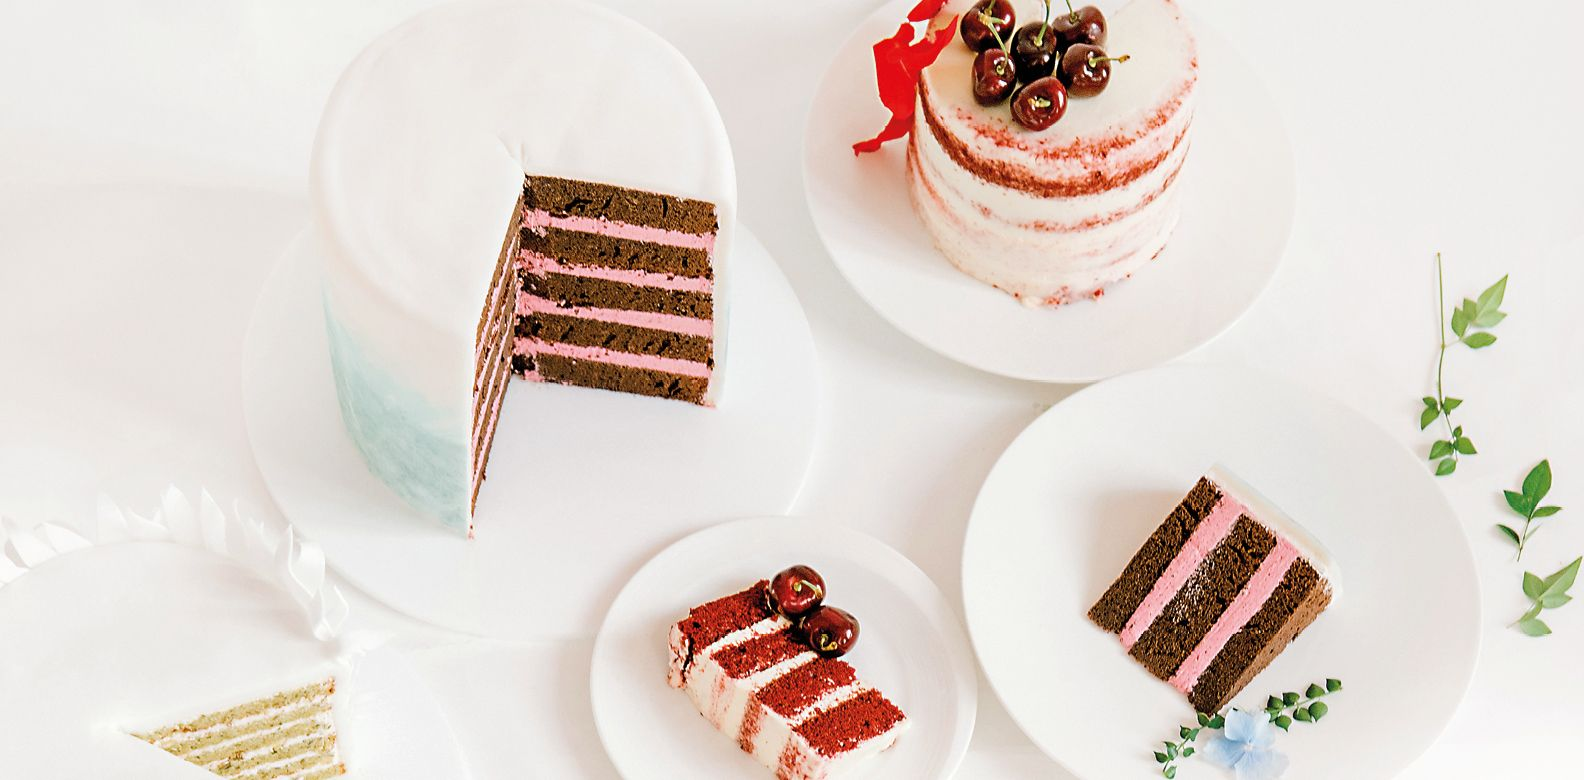 3 Gorgeous Wedding Cakes To Say 'I Do' To